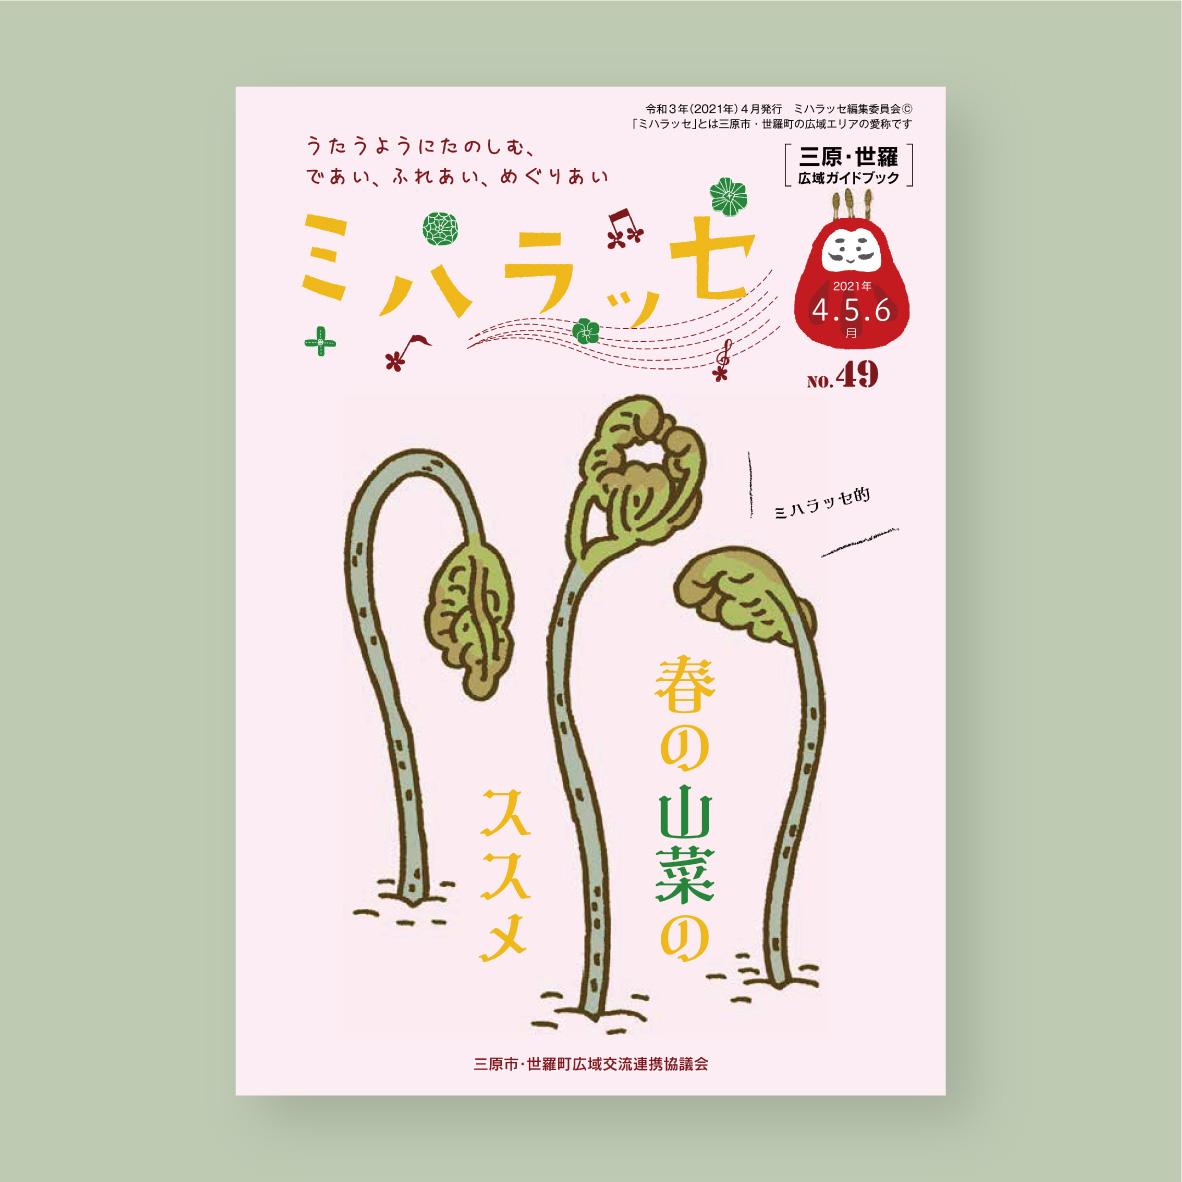 三原・世羅広域ガイドブック「ミハラッセ」特集イラスト